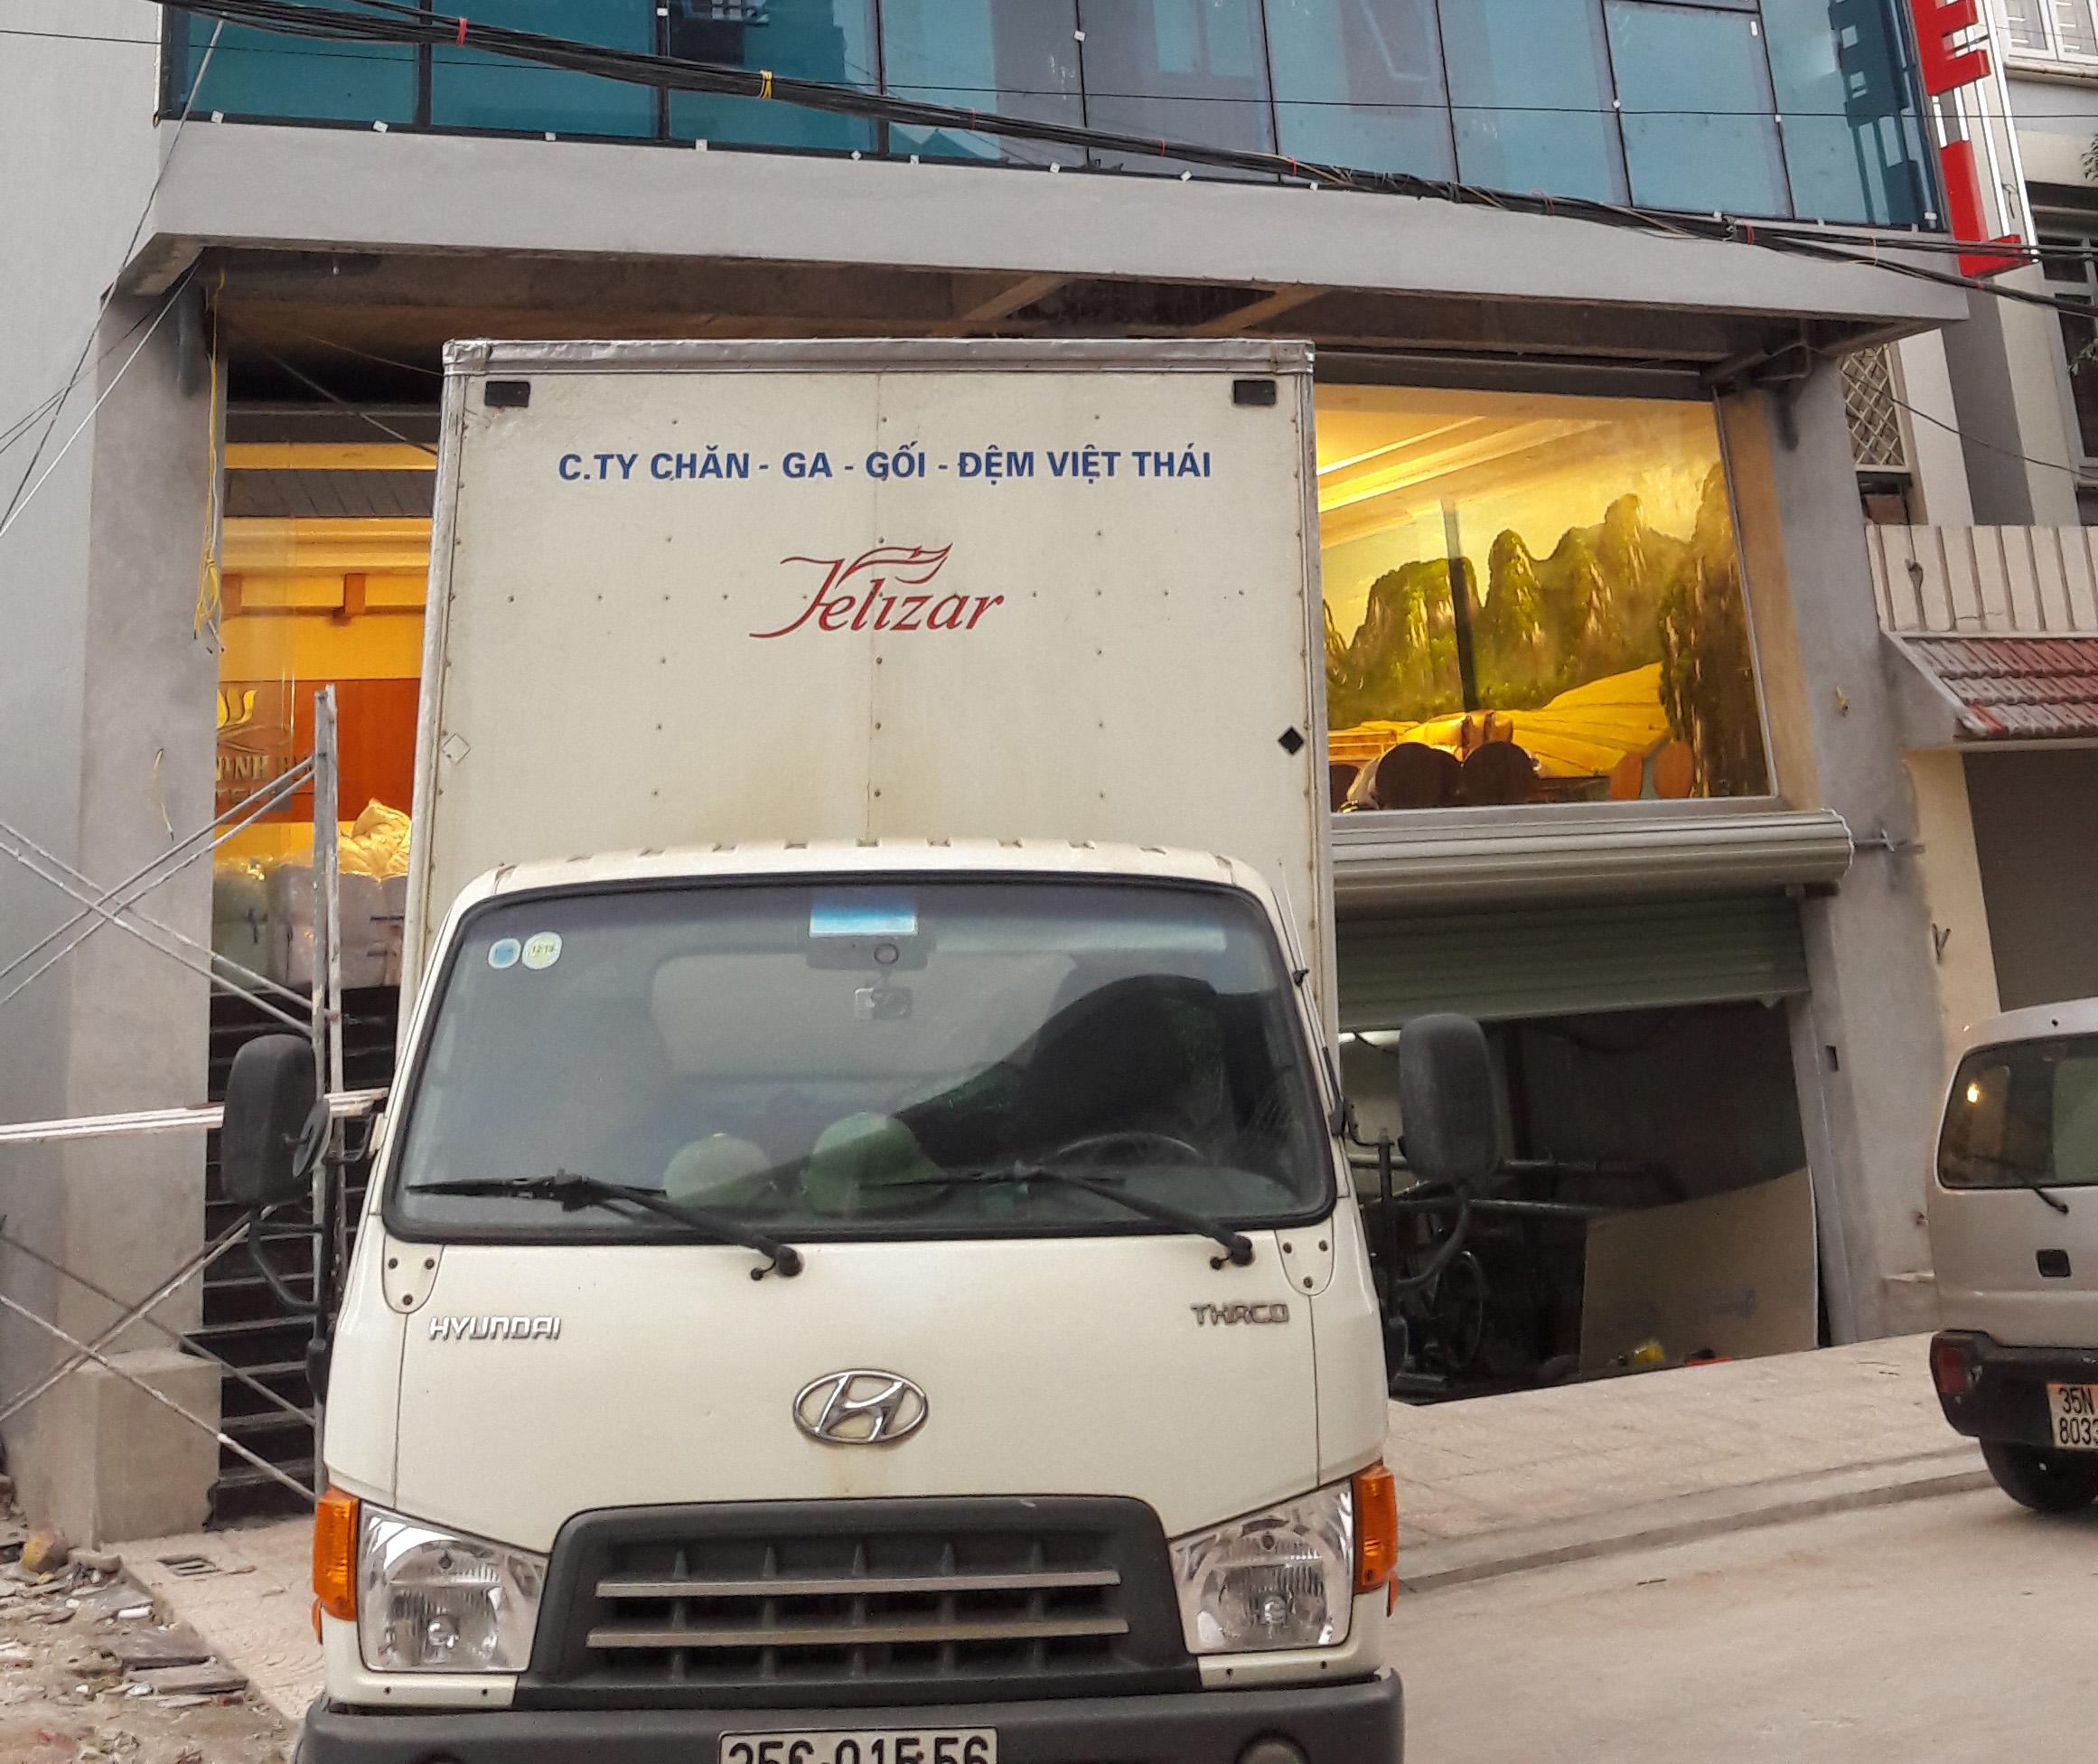 Cung cấp trọn gói hạng mục Rèm – Chăn ga gối đệm KS Sunrise Khu Tân An, TP NB